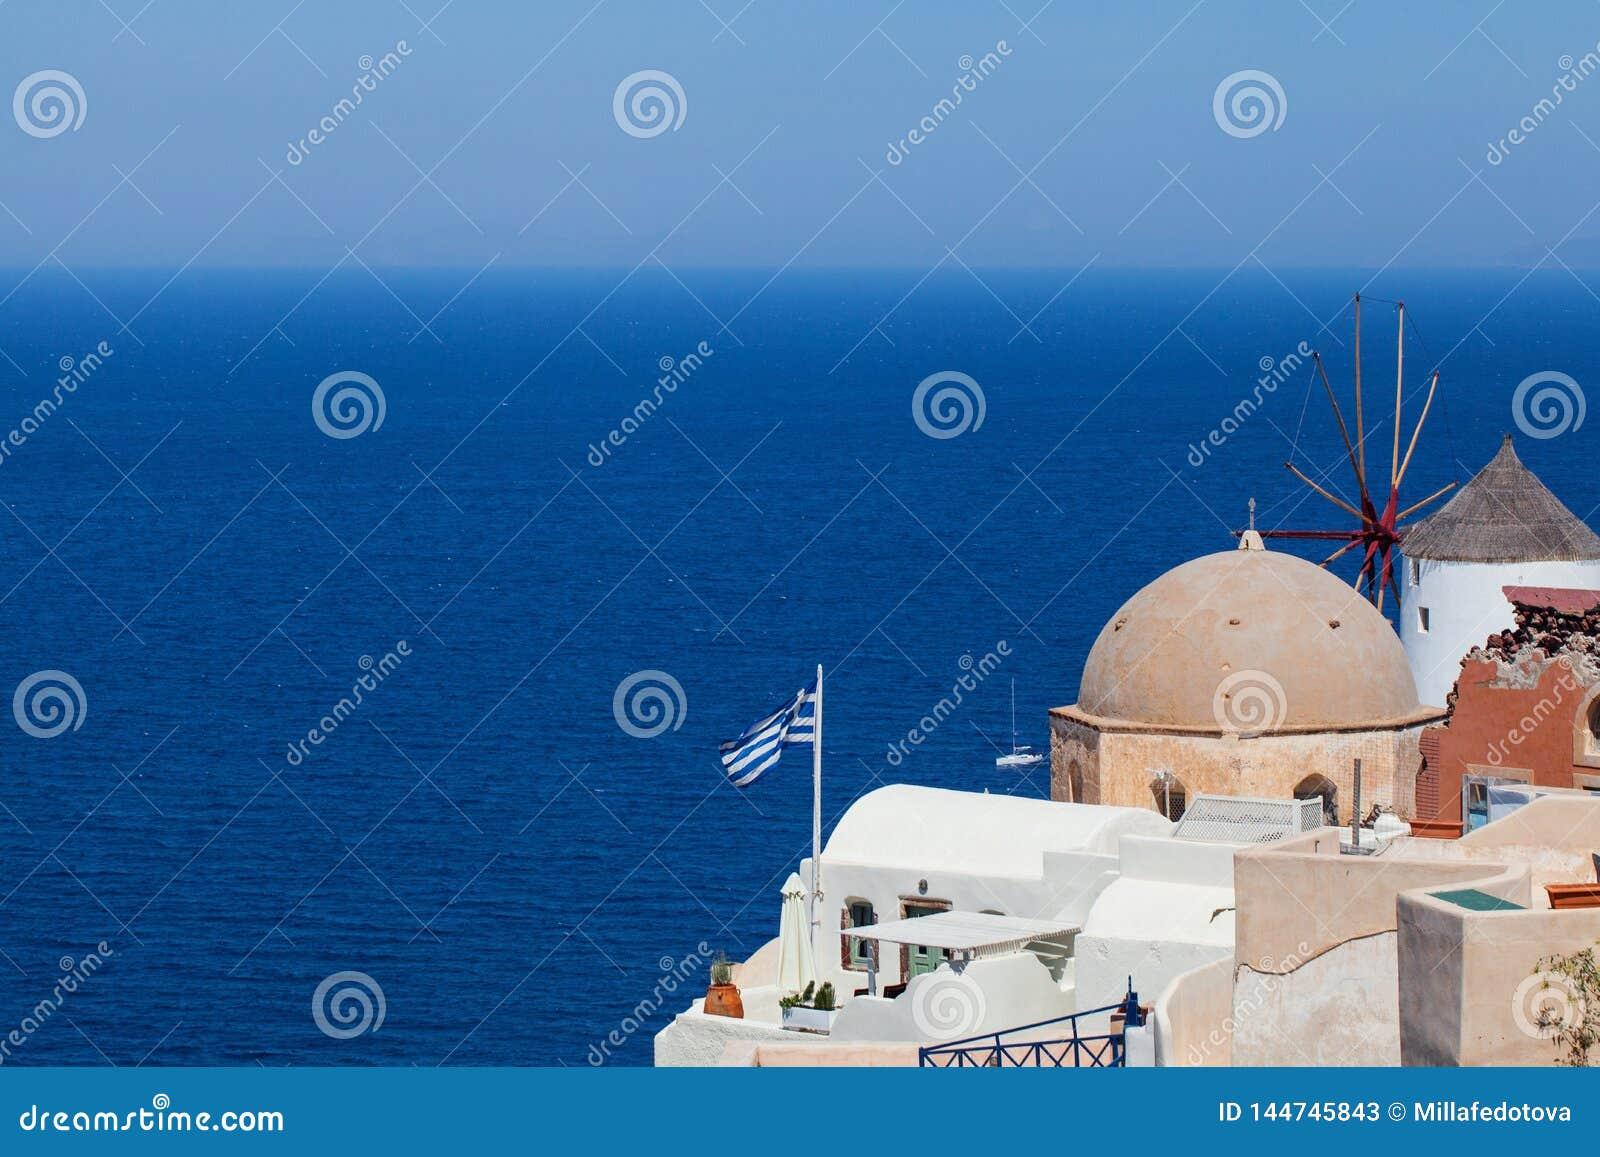 Horizon de Santorini avec le drapeau grec, la mer, le ciel bleu et la ville Point de rep